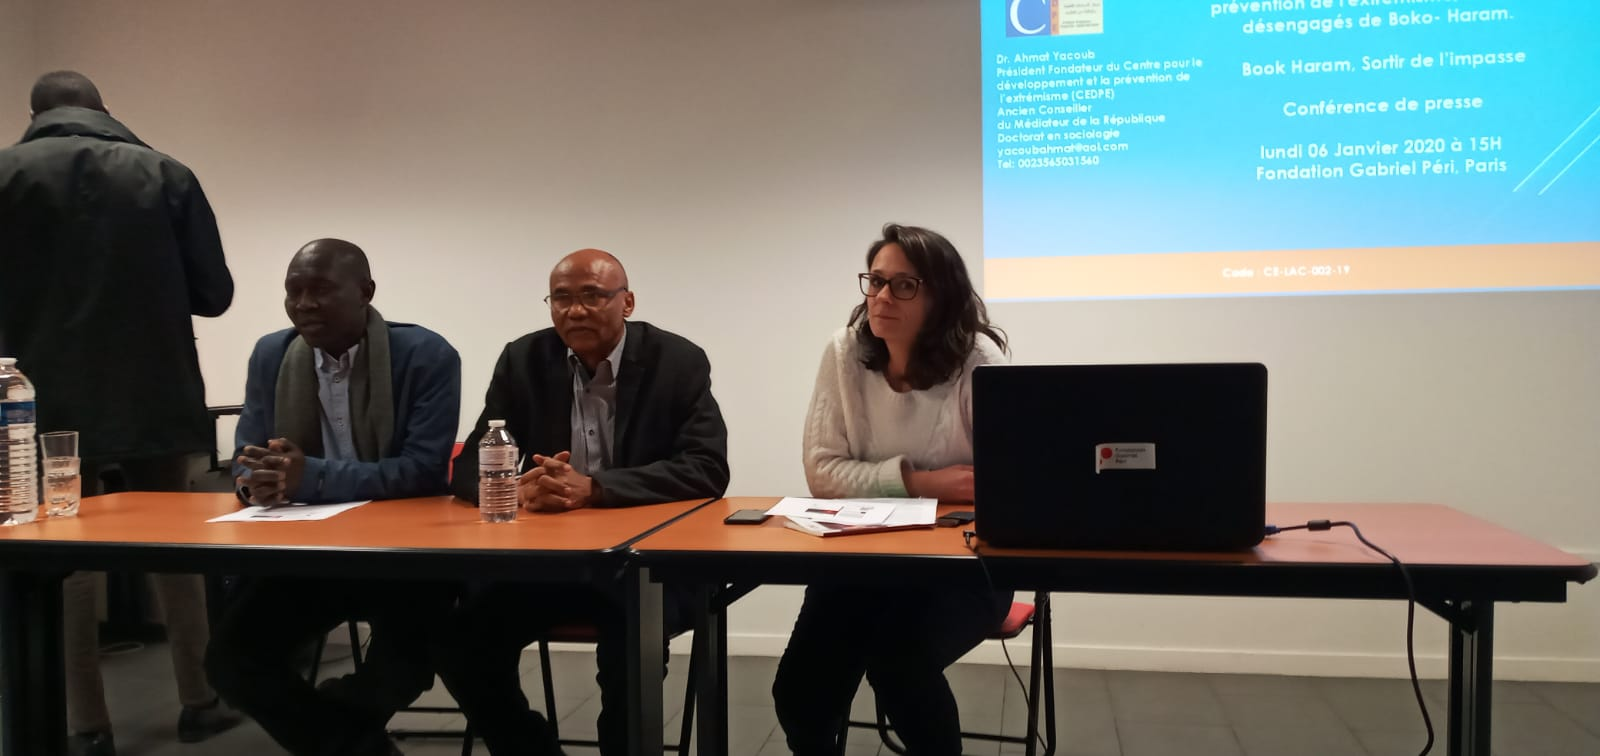 Le CEDPE a présenté son nouveau ouvrage à Paris